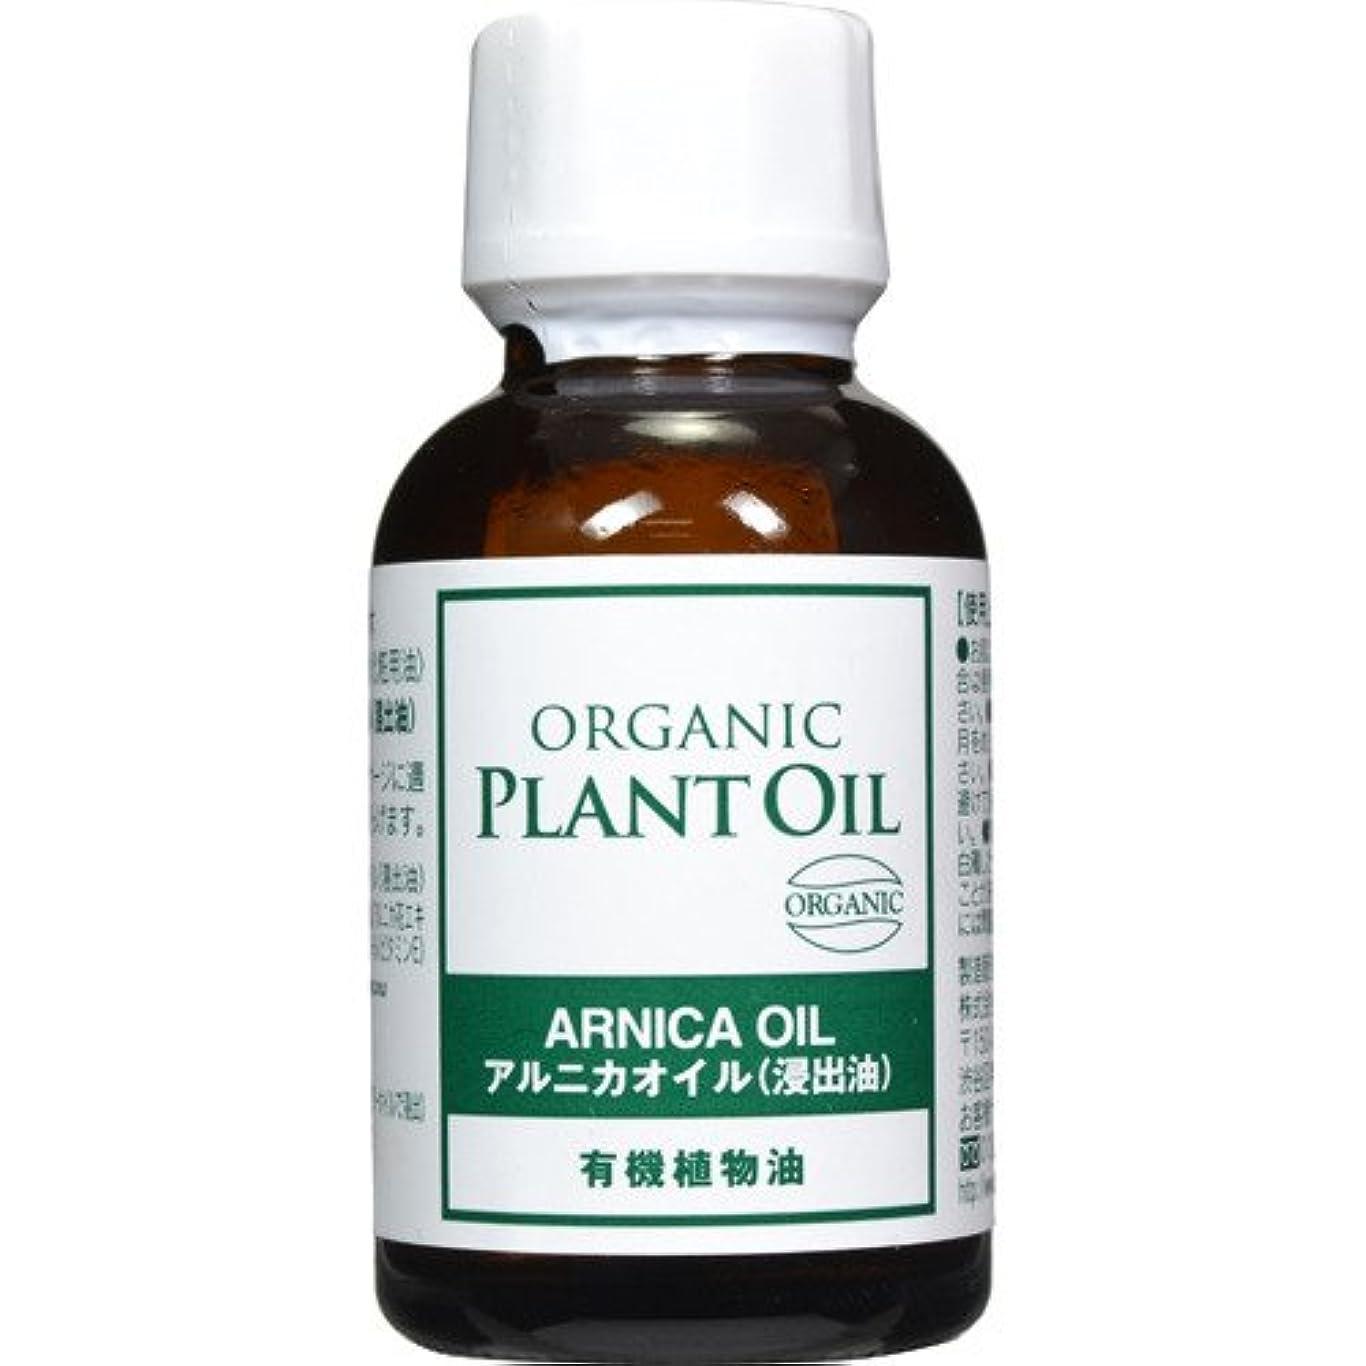 邪魔するアセンブリに対応生活の木 有機アルニカオイル(浸出油) 25ml